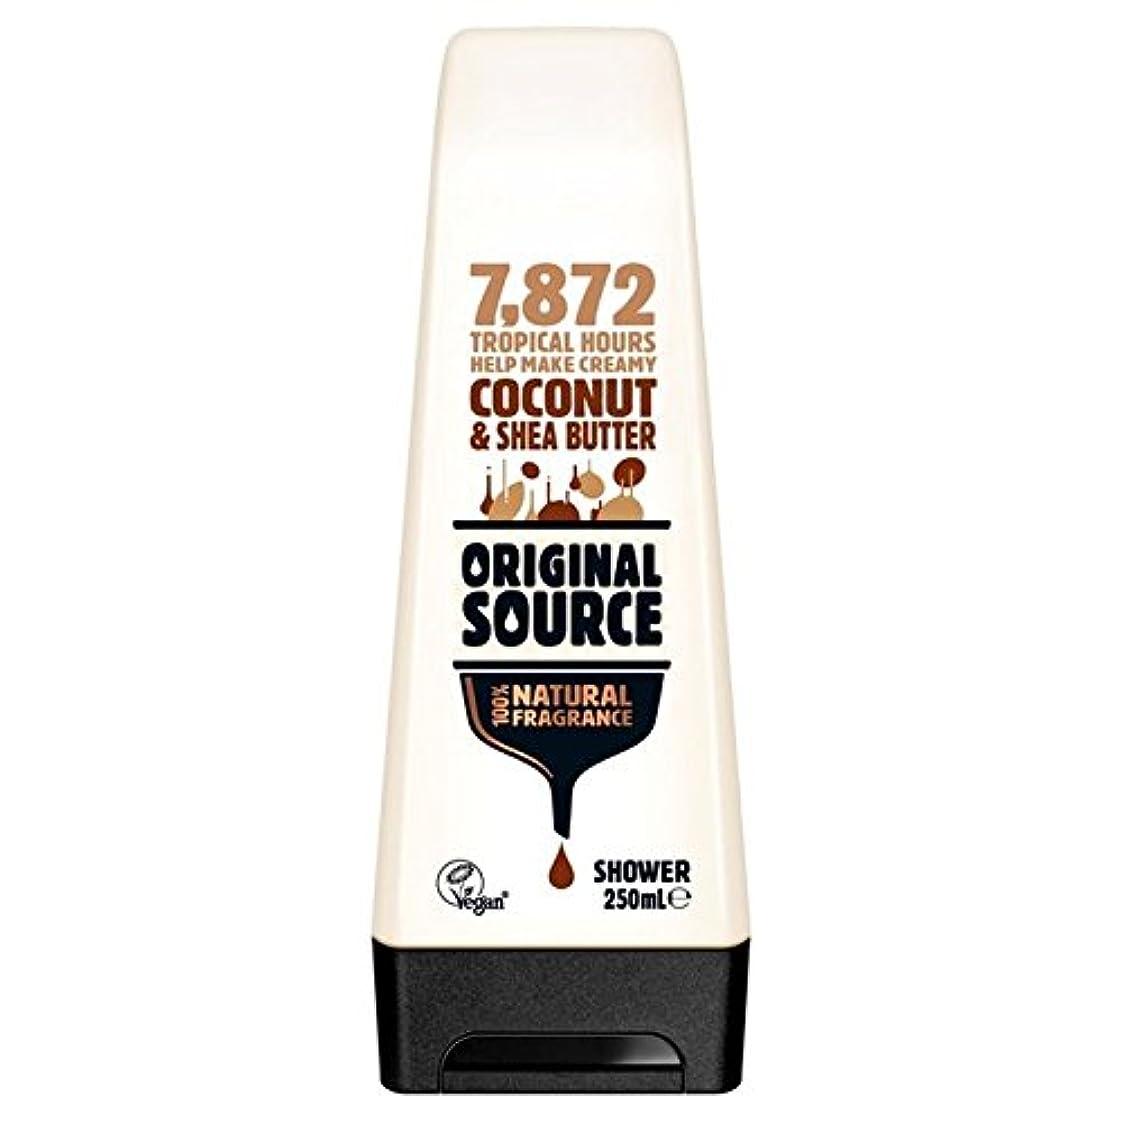 ワークショップ施設カウントアップOriginal Source Moisturising Coconut & Shea Butter Shower Gel 250ml - 元のソース保湿ココナッツ&シアバターシャワージェル250ミリリットル [並行輸入品]